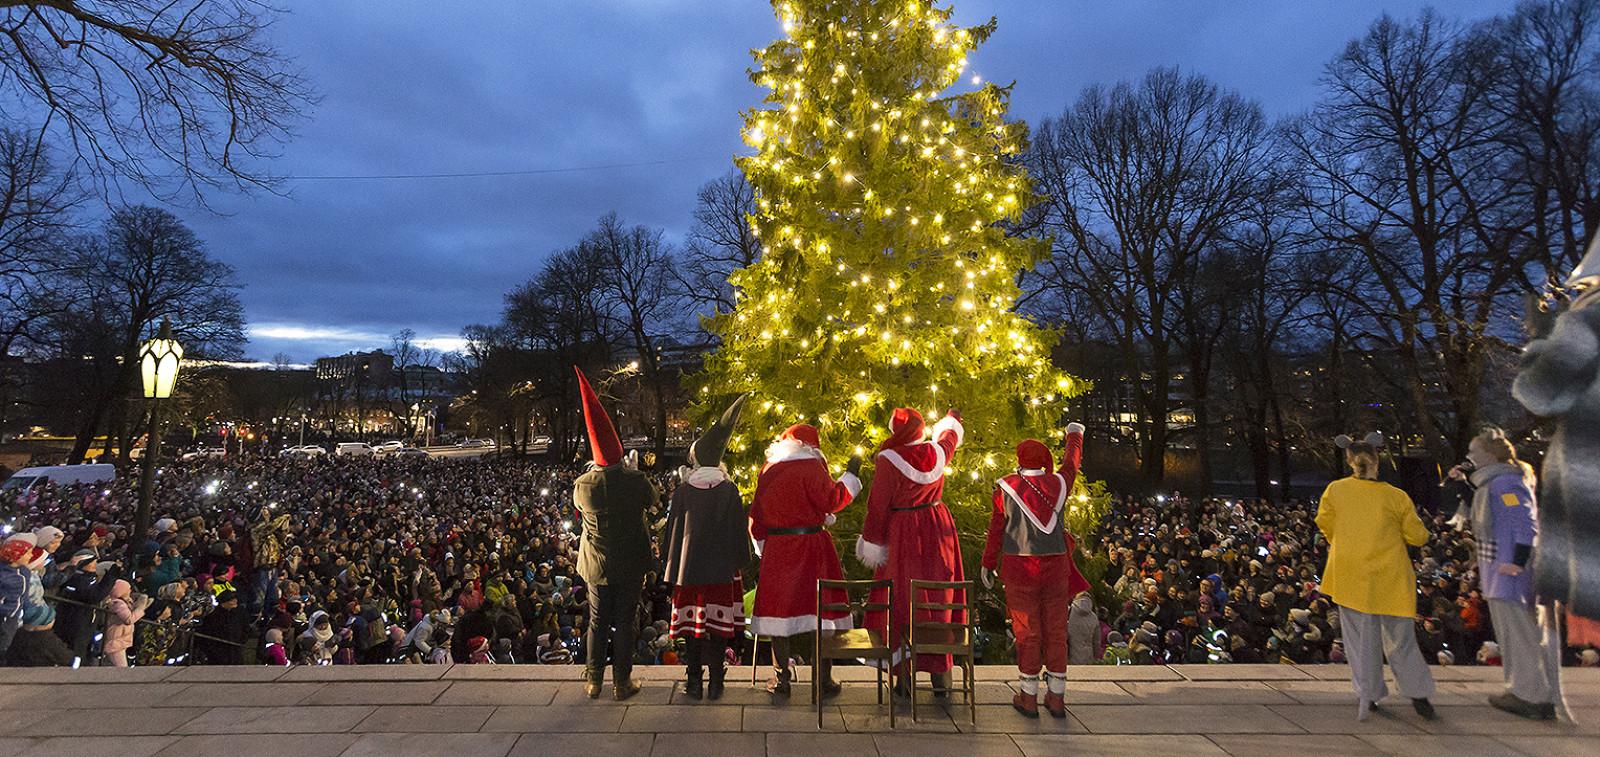 Joulupukki joukkoineen heiluttaa yleisölle tuomiokirkon portailla joulukuusen valojen loisteessa